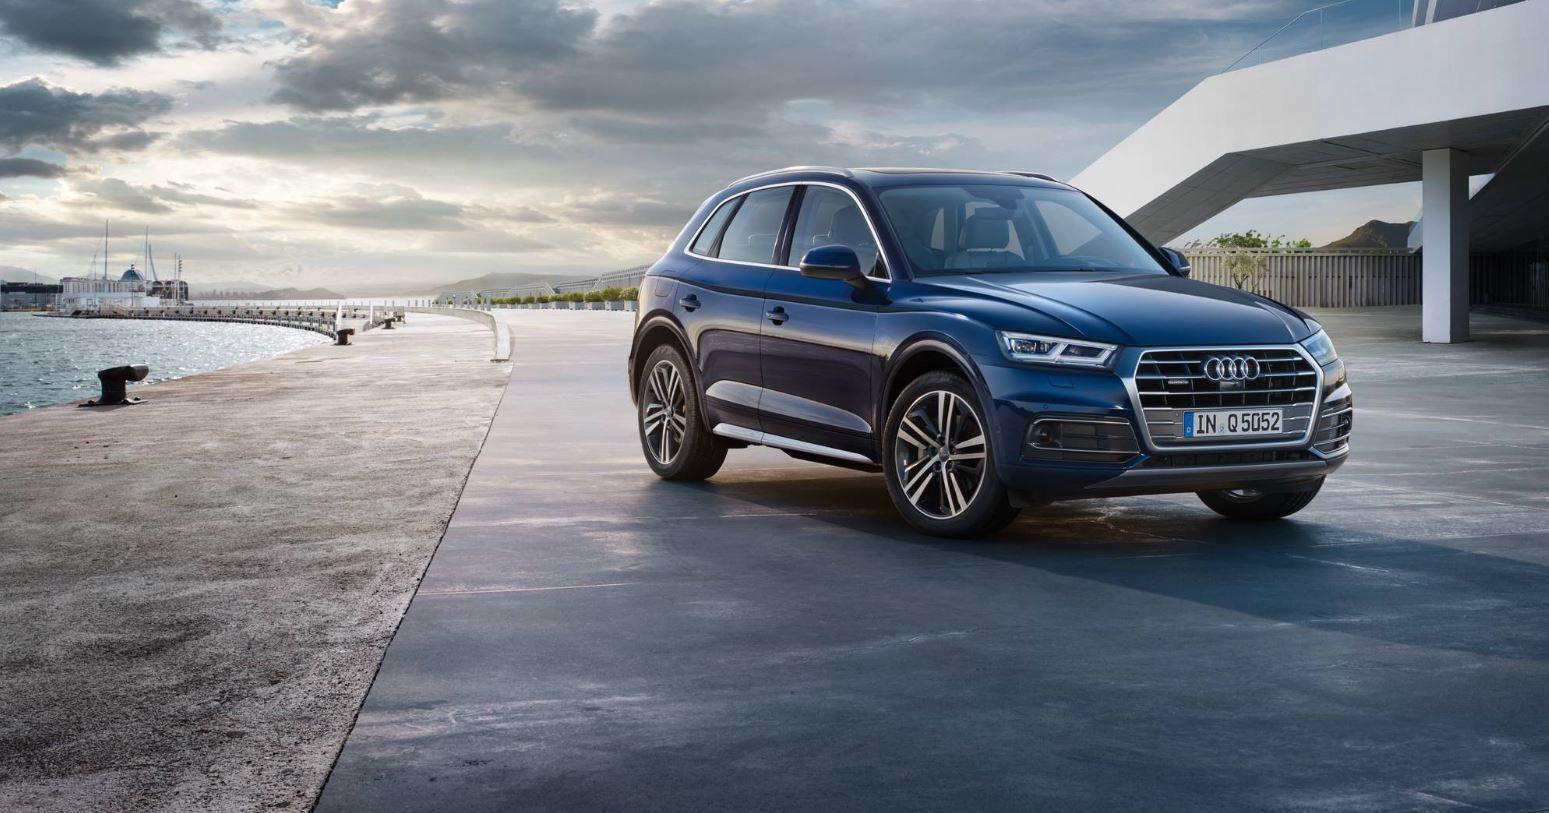 Audi Q5 Advanced Edition 2.0 TDI